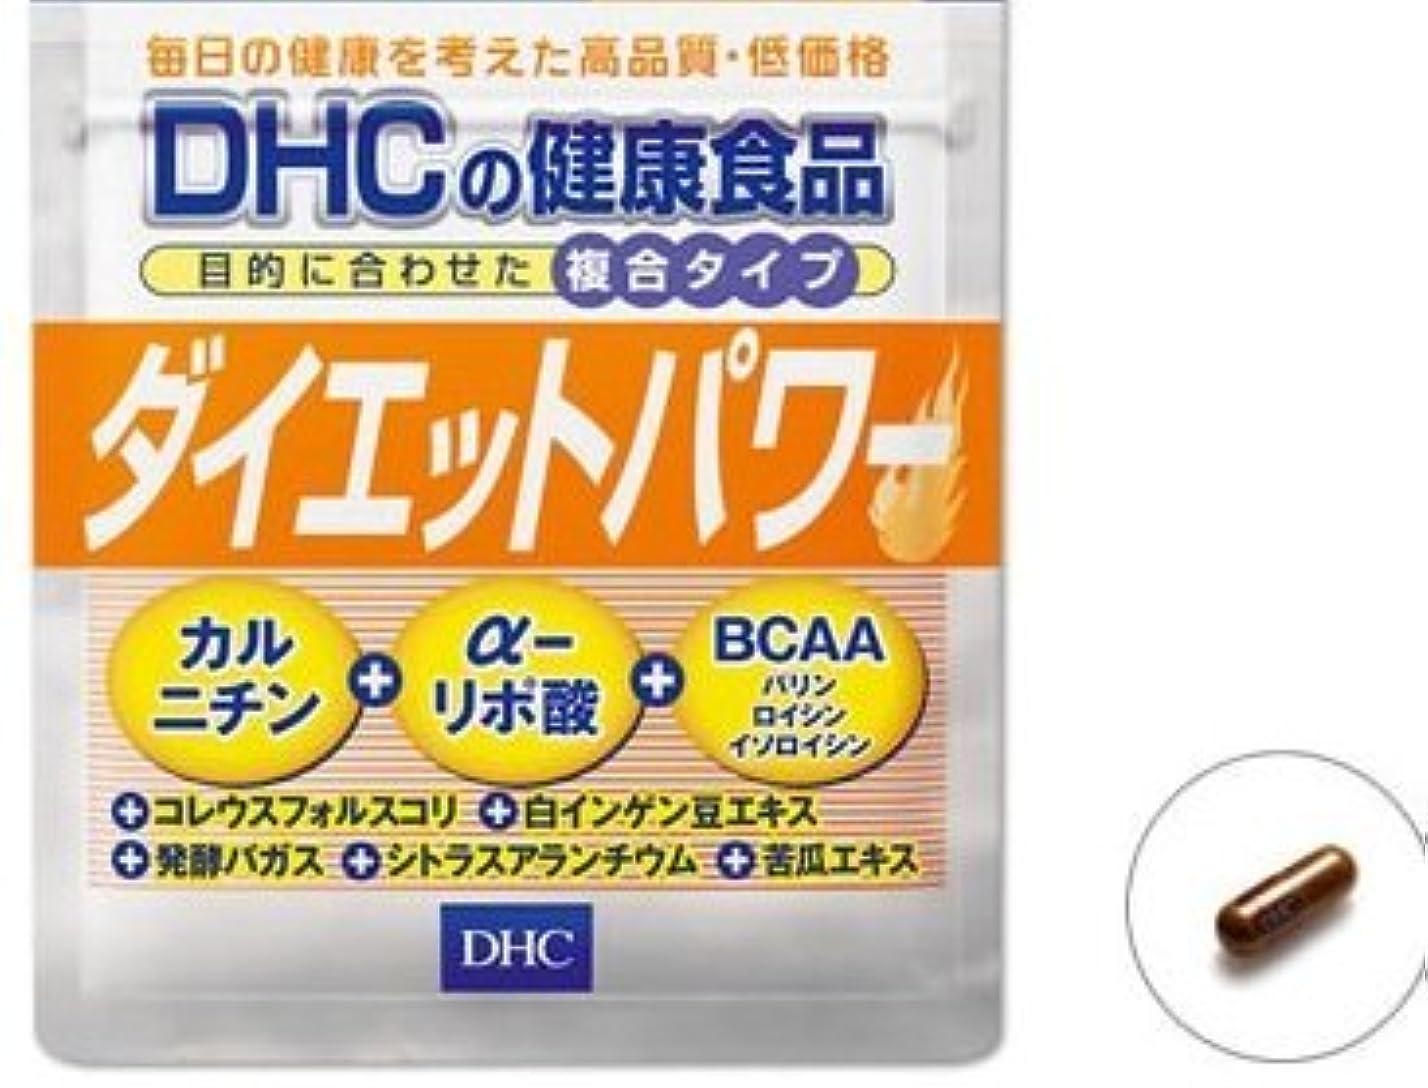 頑丈不透明な避難するDHC ダイエットパワー 20日分 × 5セット